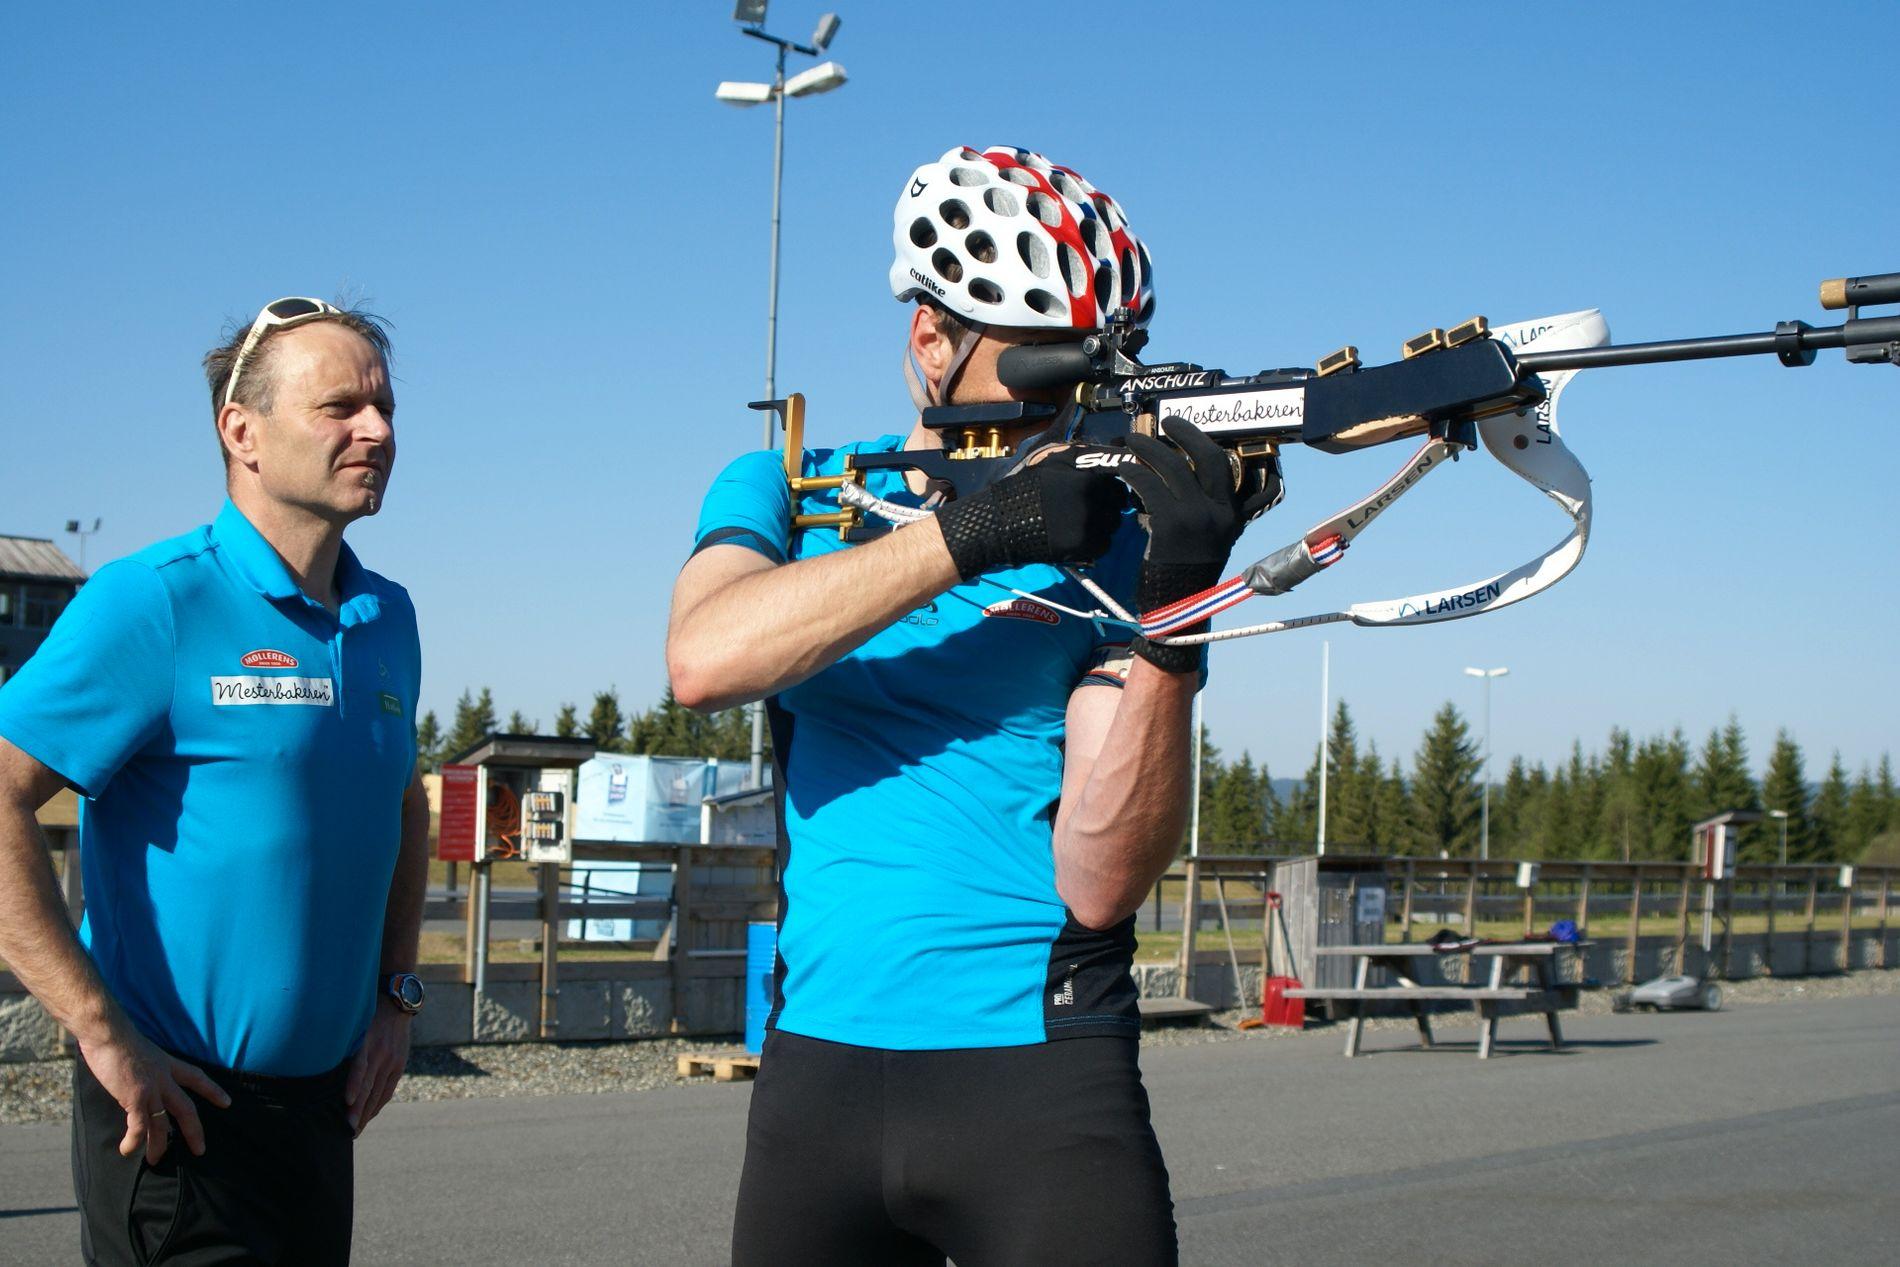 PÅ TRENING: Trener Knut Tore Berland sjekker teknikken til Emil Nyeng under en skyteøkt på Lillehammer.